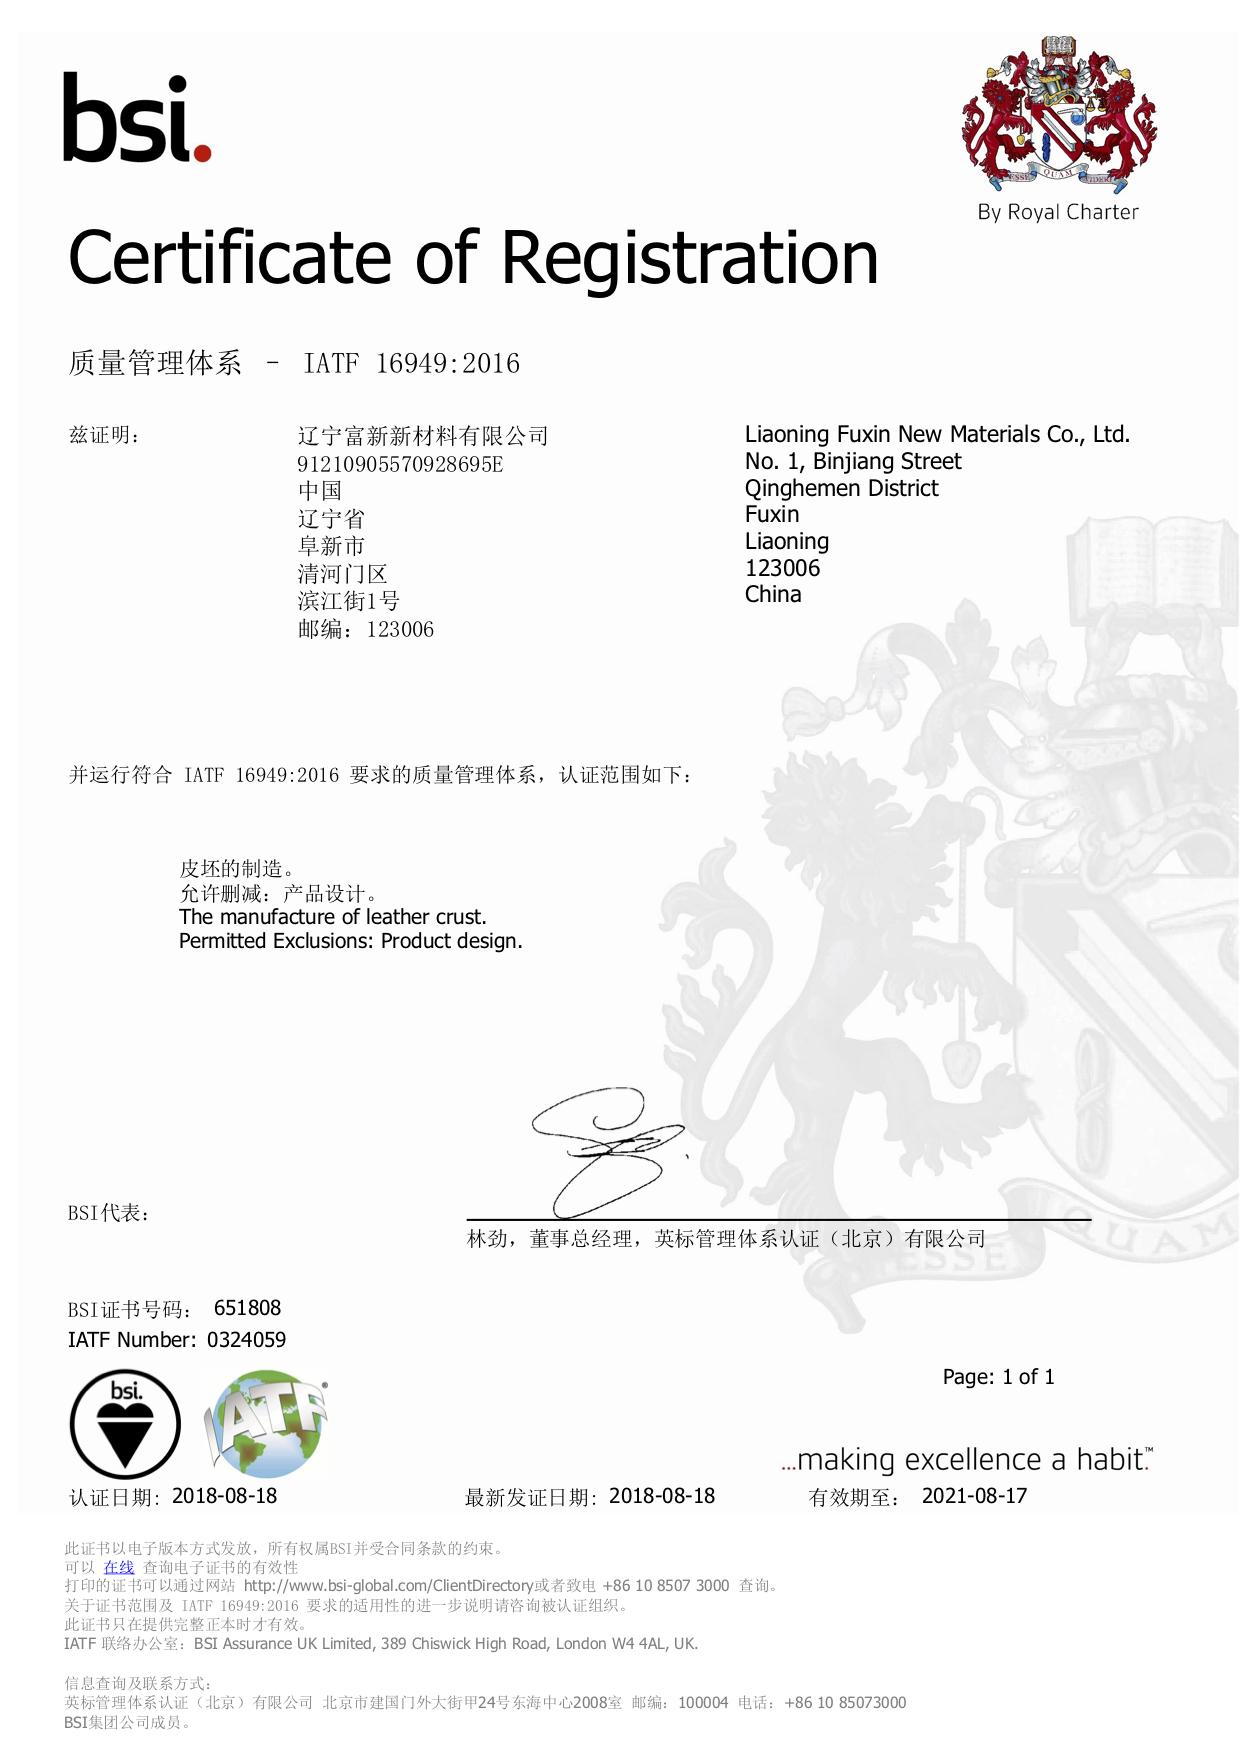 遼寧富新-IATF16949:2016-質量管理體系-651808-有效期至2021.08.17